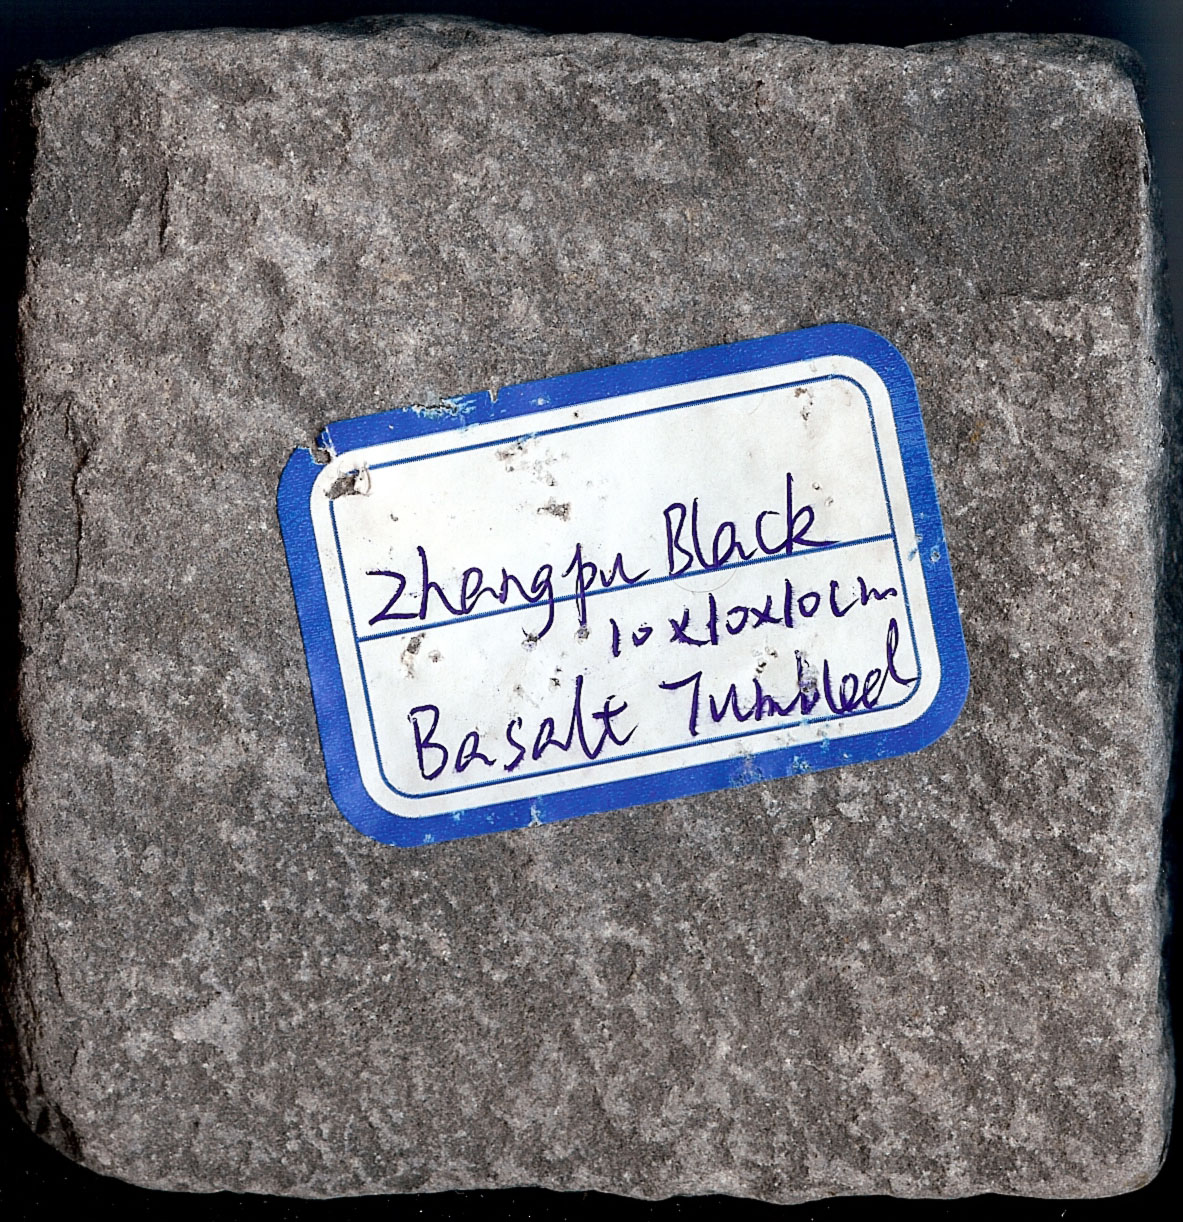 ZhangPu Black Tumbled